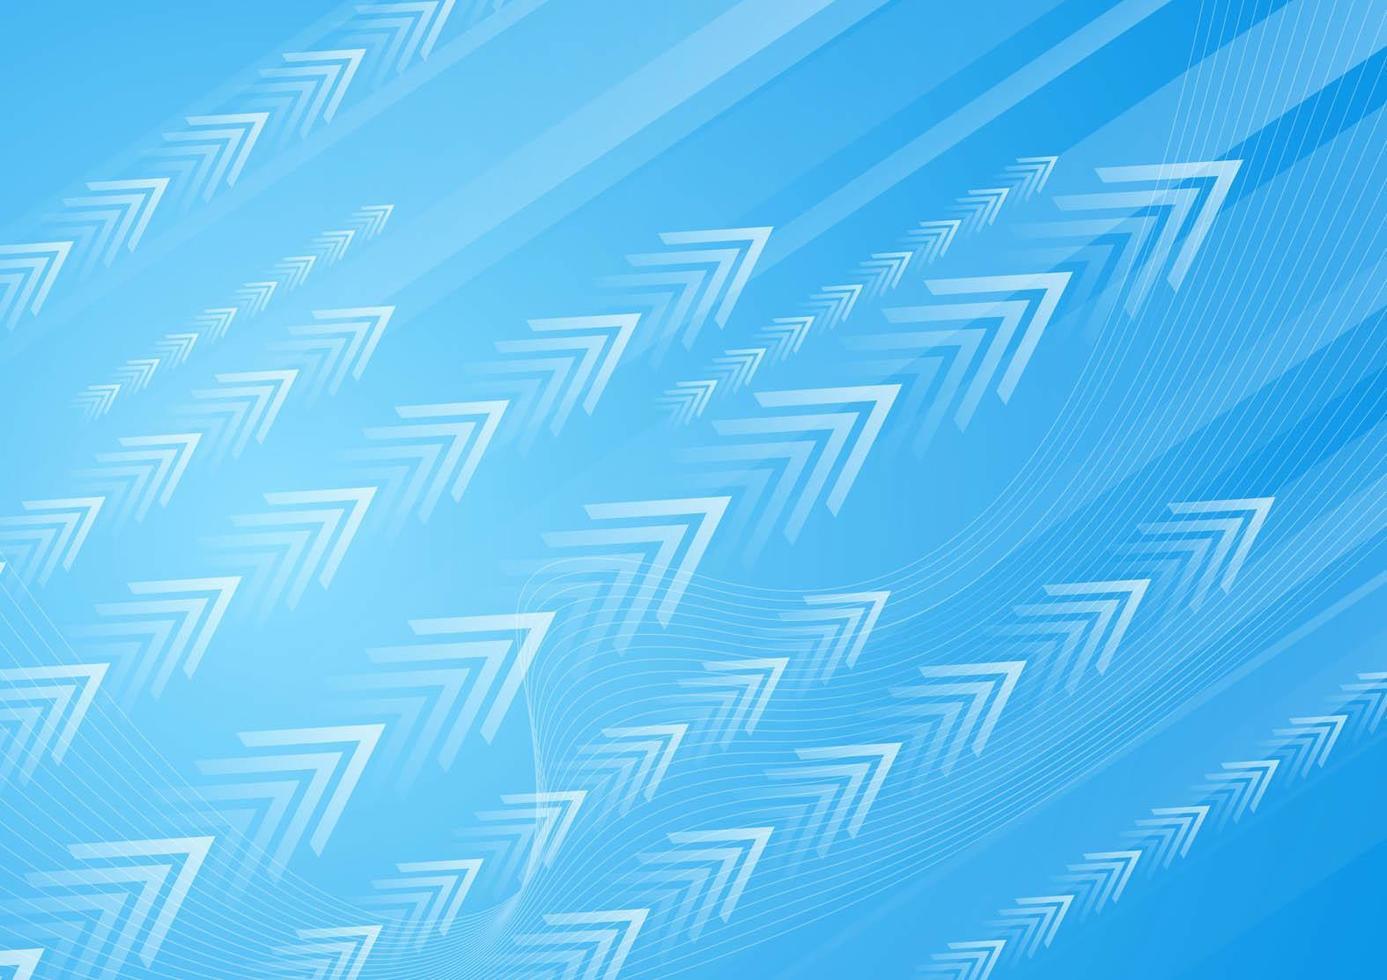 flechas blancas en degradado azul vector